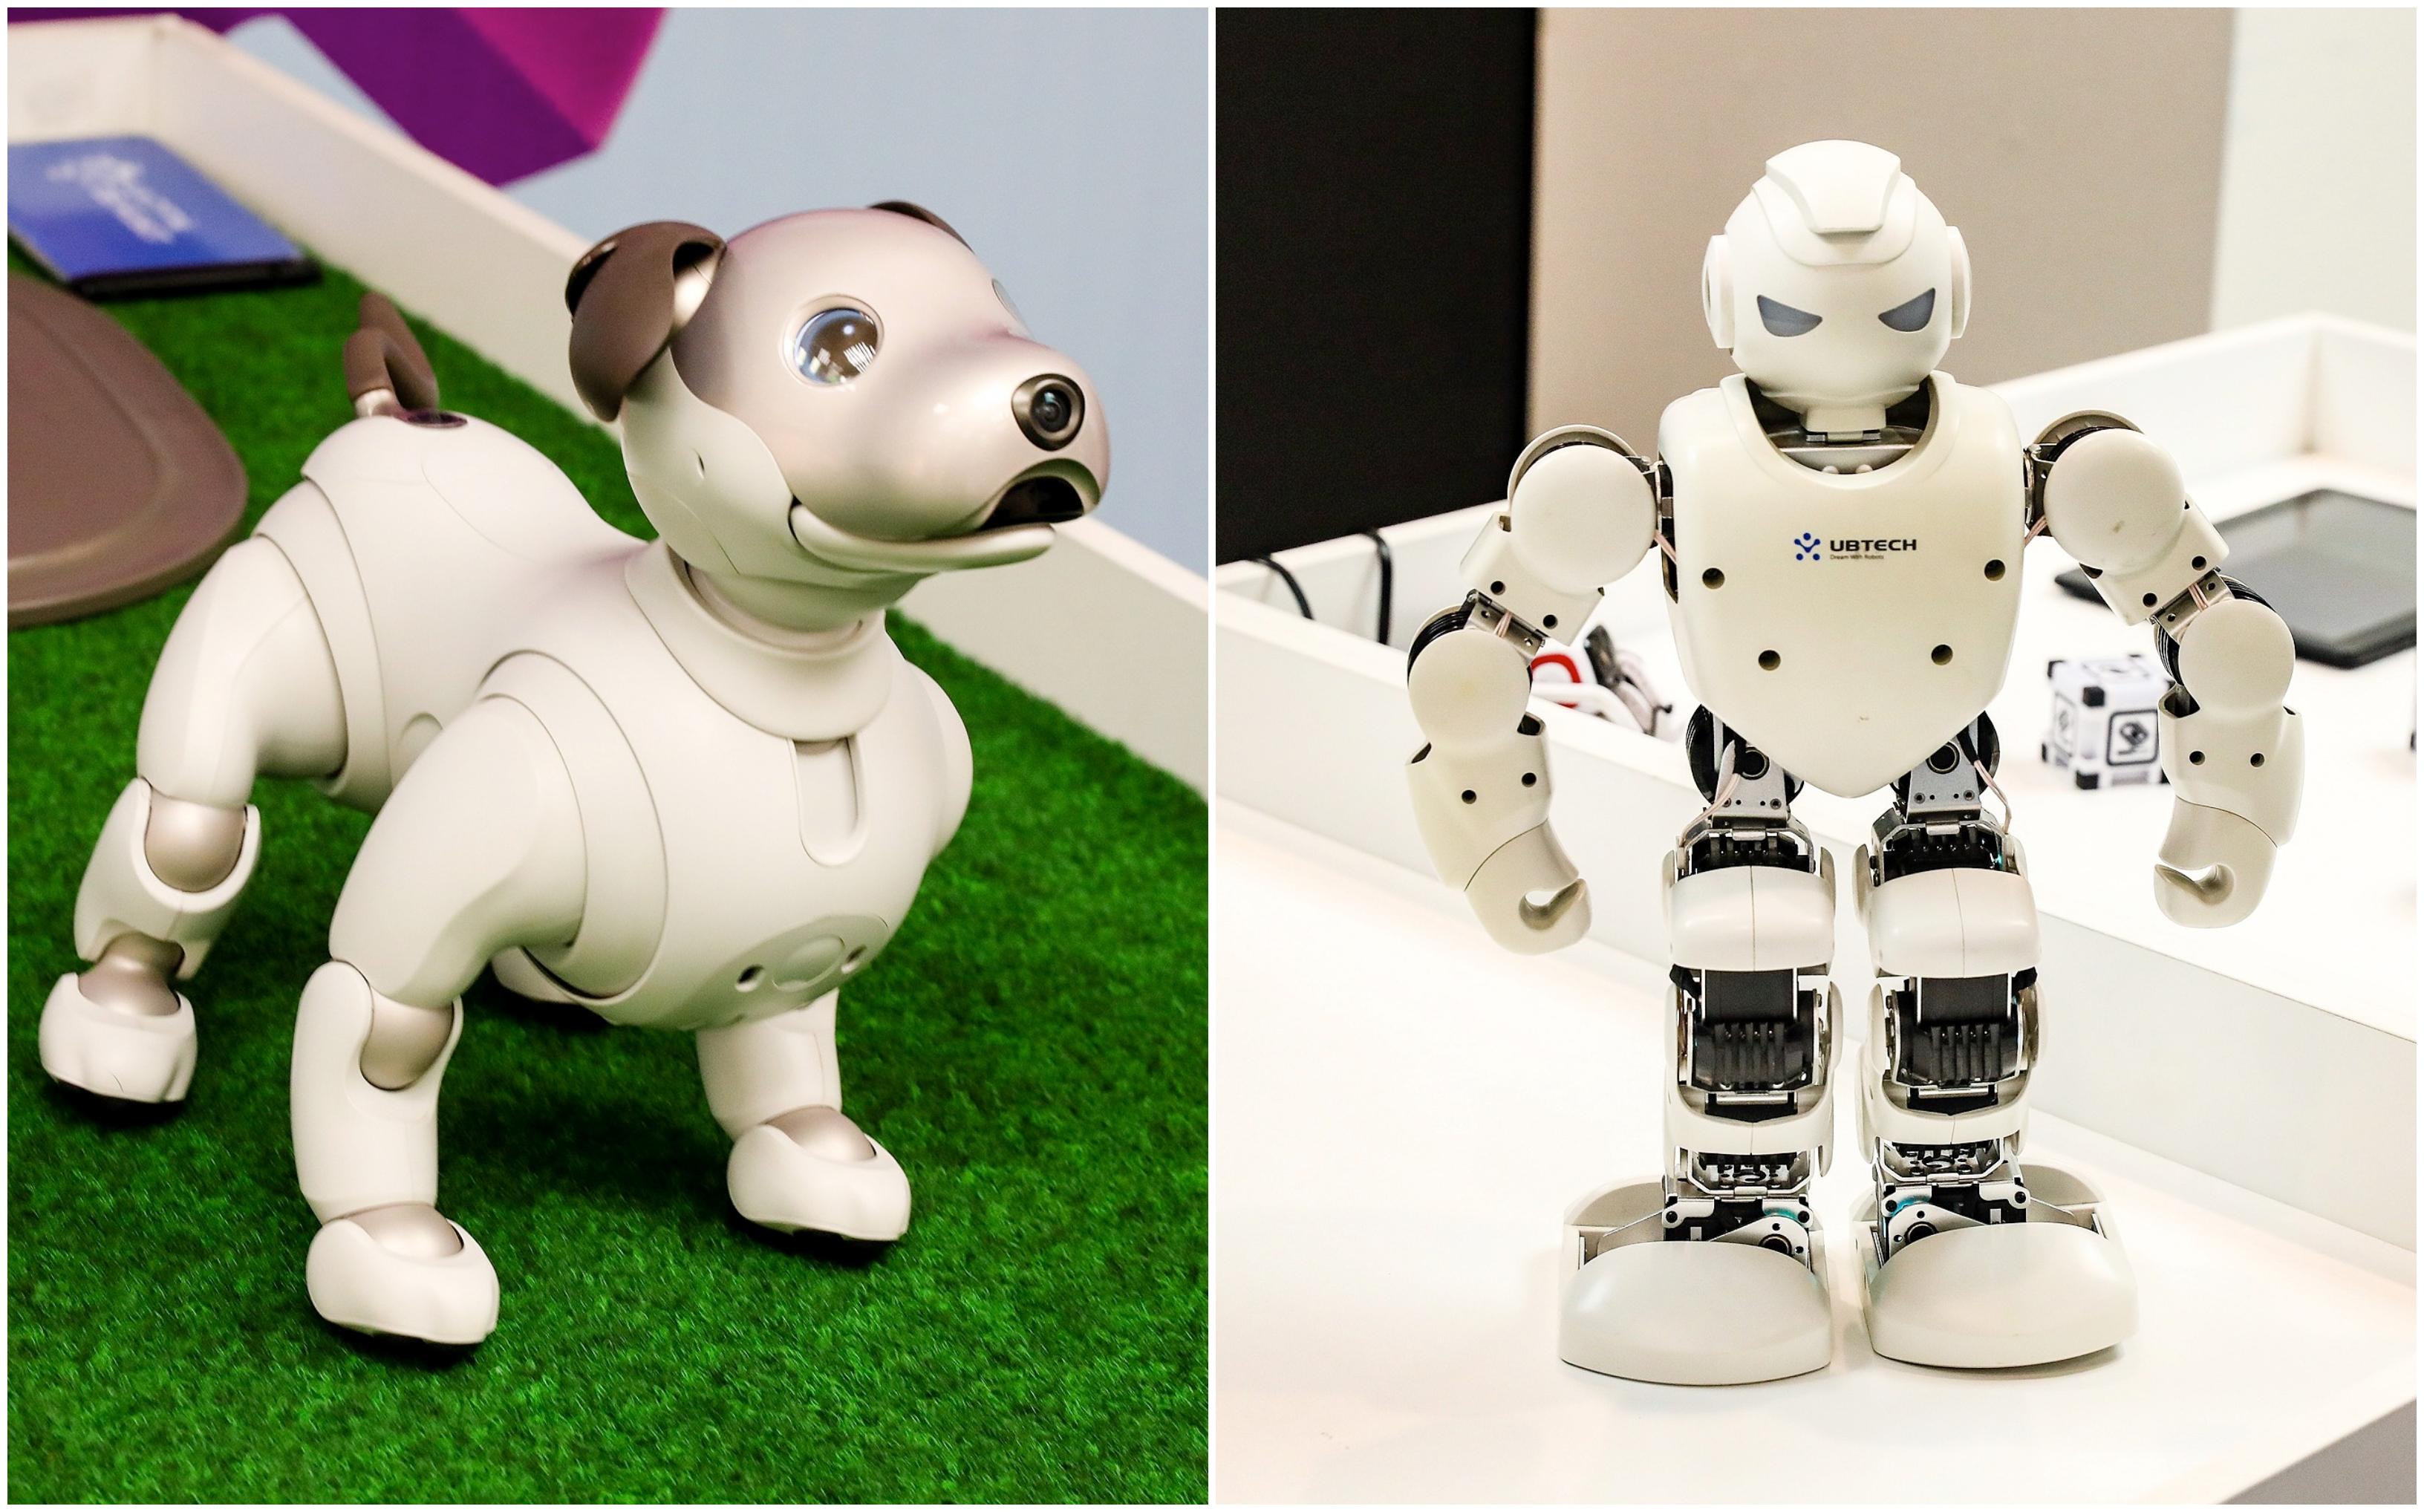 nauji prekybos robotai prekybinė mokomoji medžiaga